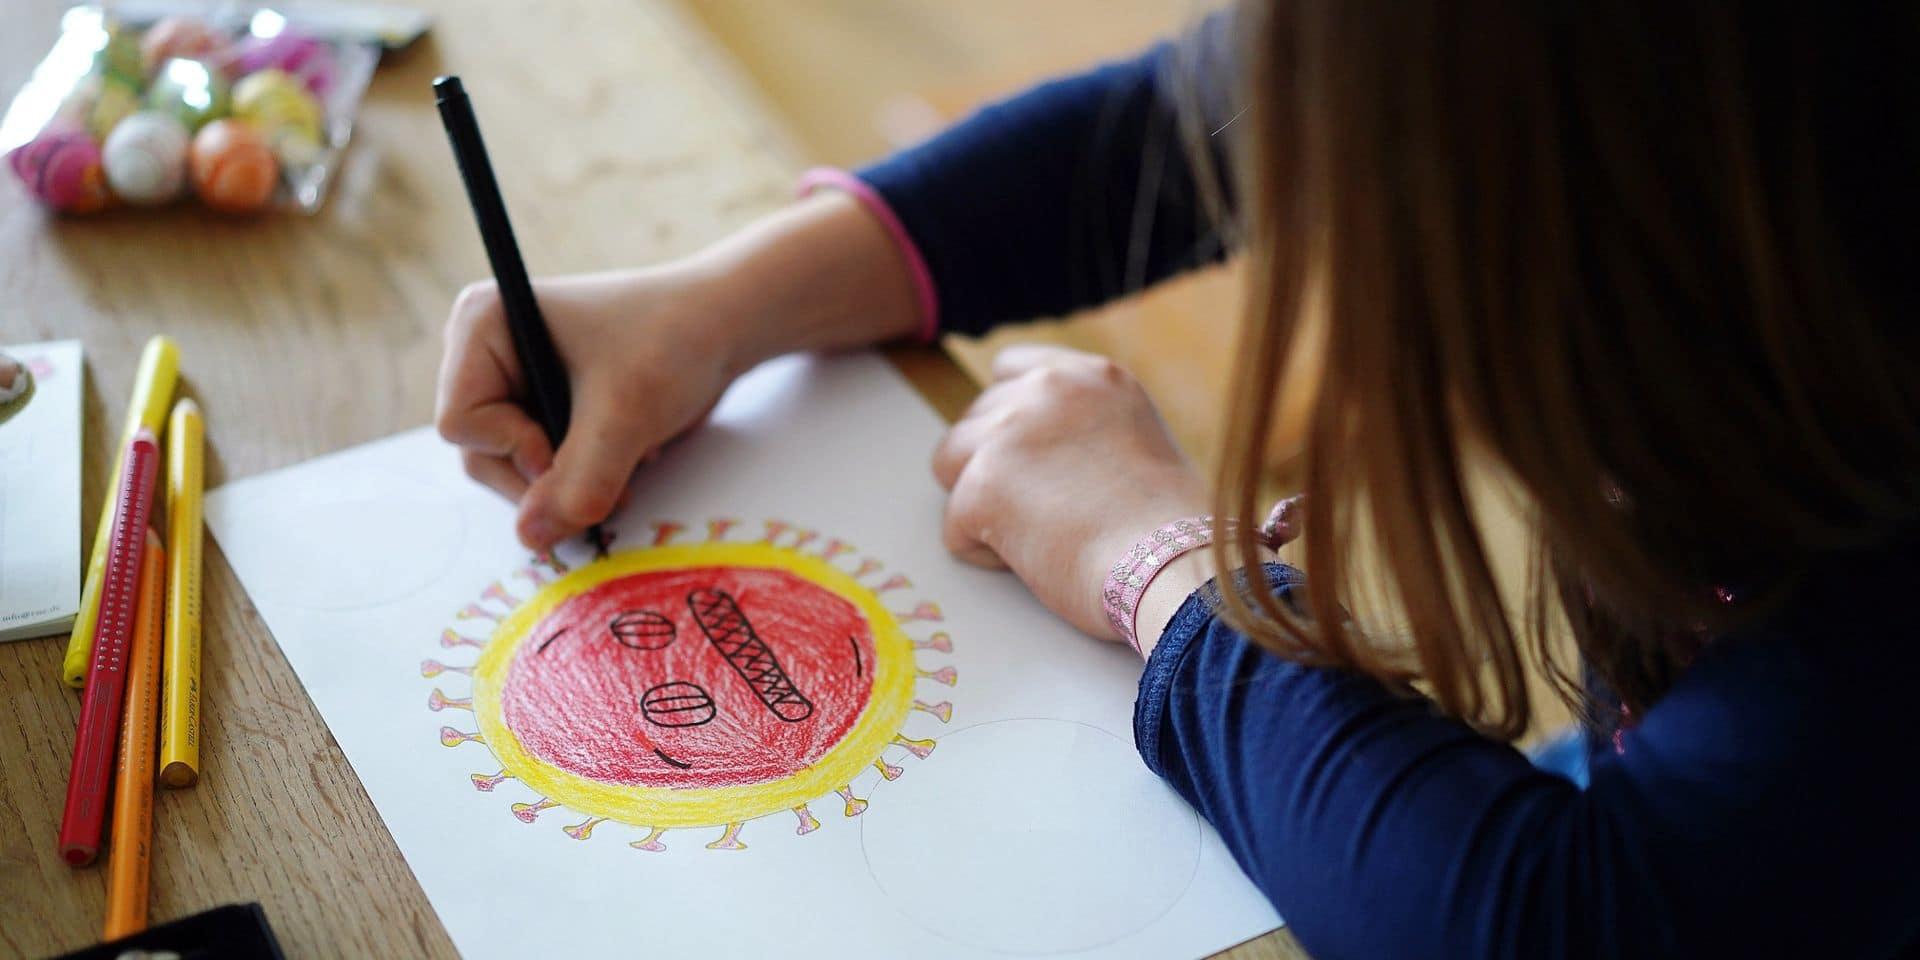 """Le coronavirus chamboule les habitudes des enfants placés par le juge: """"On ne va pas pouvoir supprimer tout contact avec les familles pendant des semaines"""""""